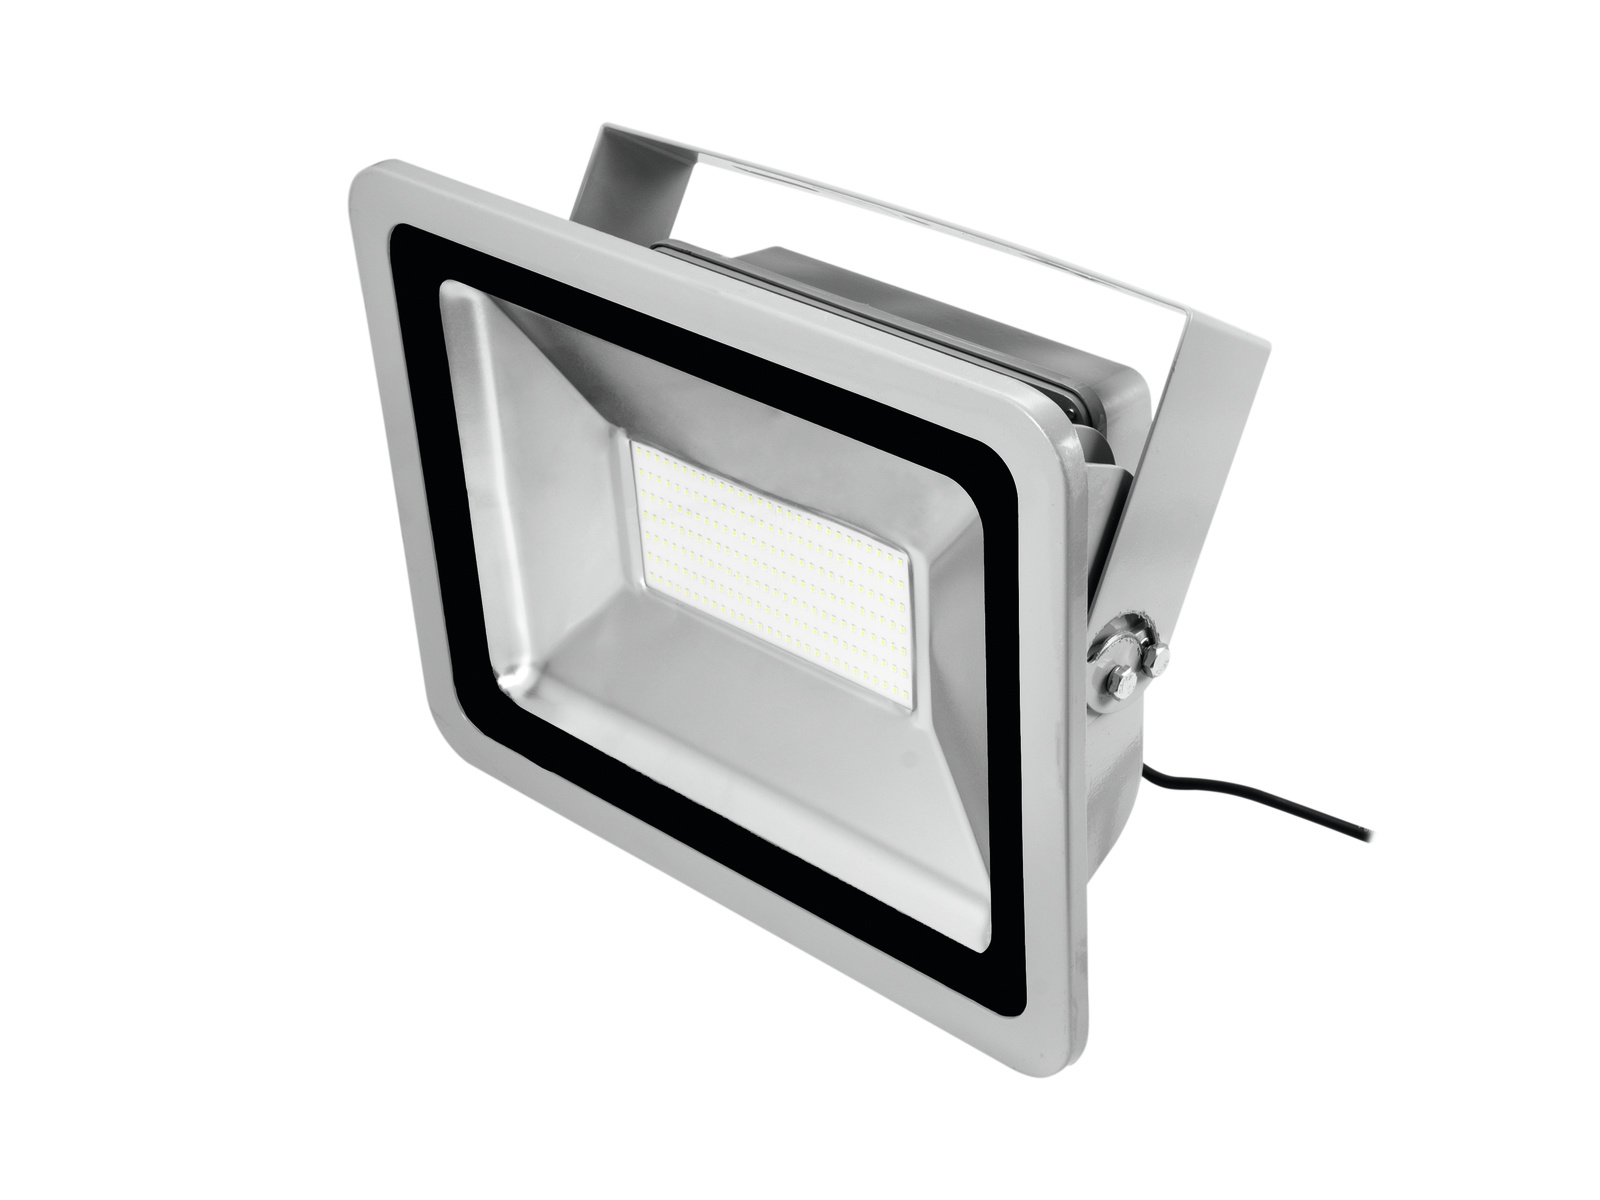 Eurolite LED reflektor IP FL-150 6400K